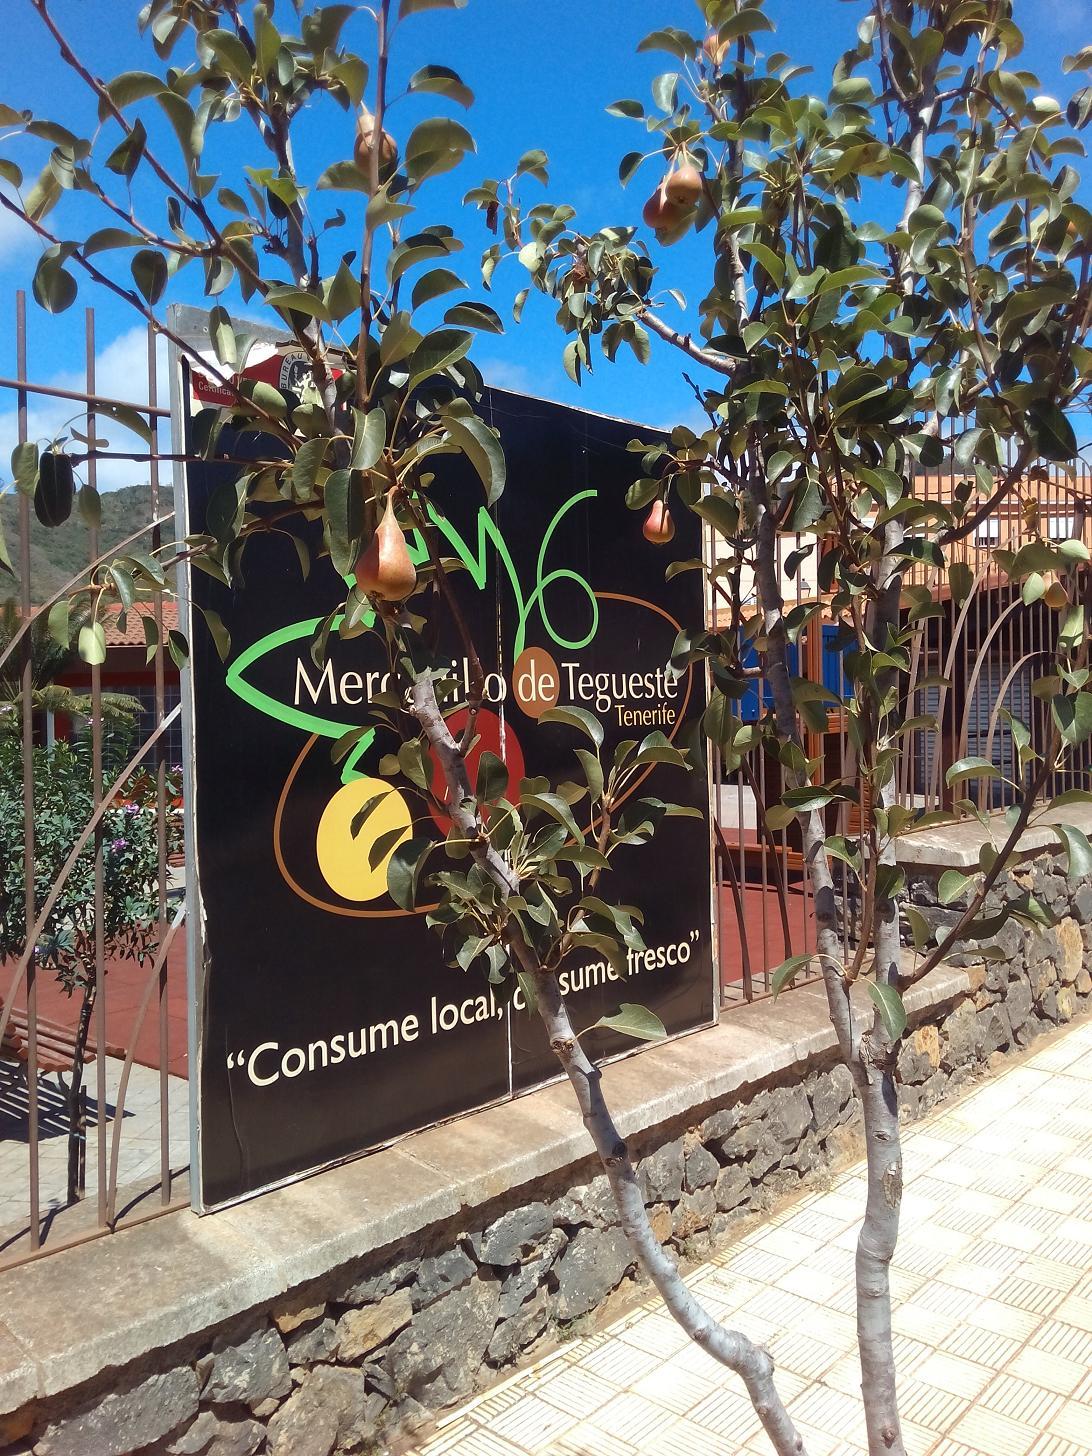 Las peras te esperan en Mercadillo de Tegueste